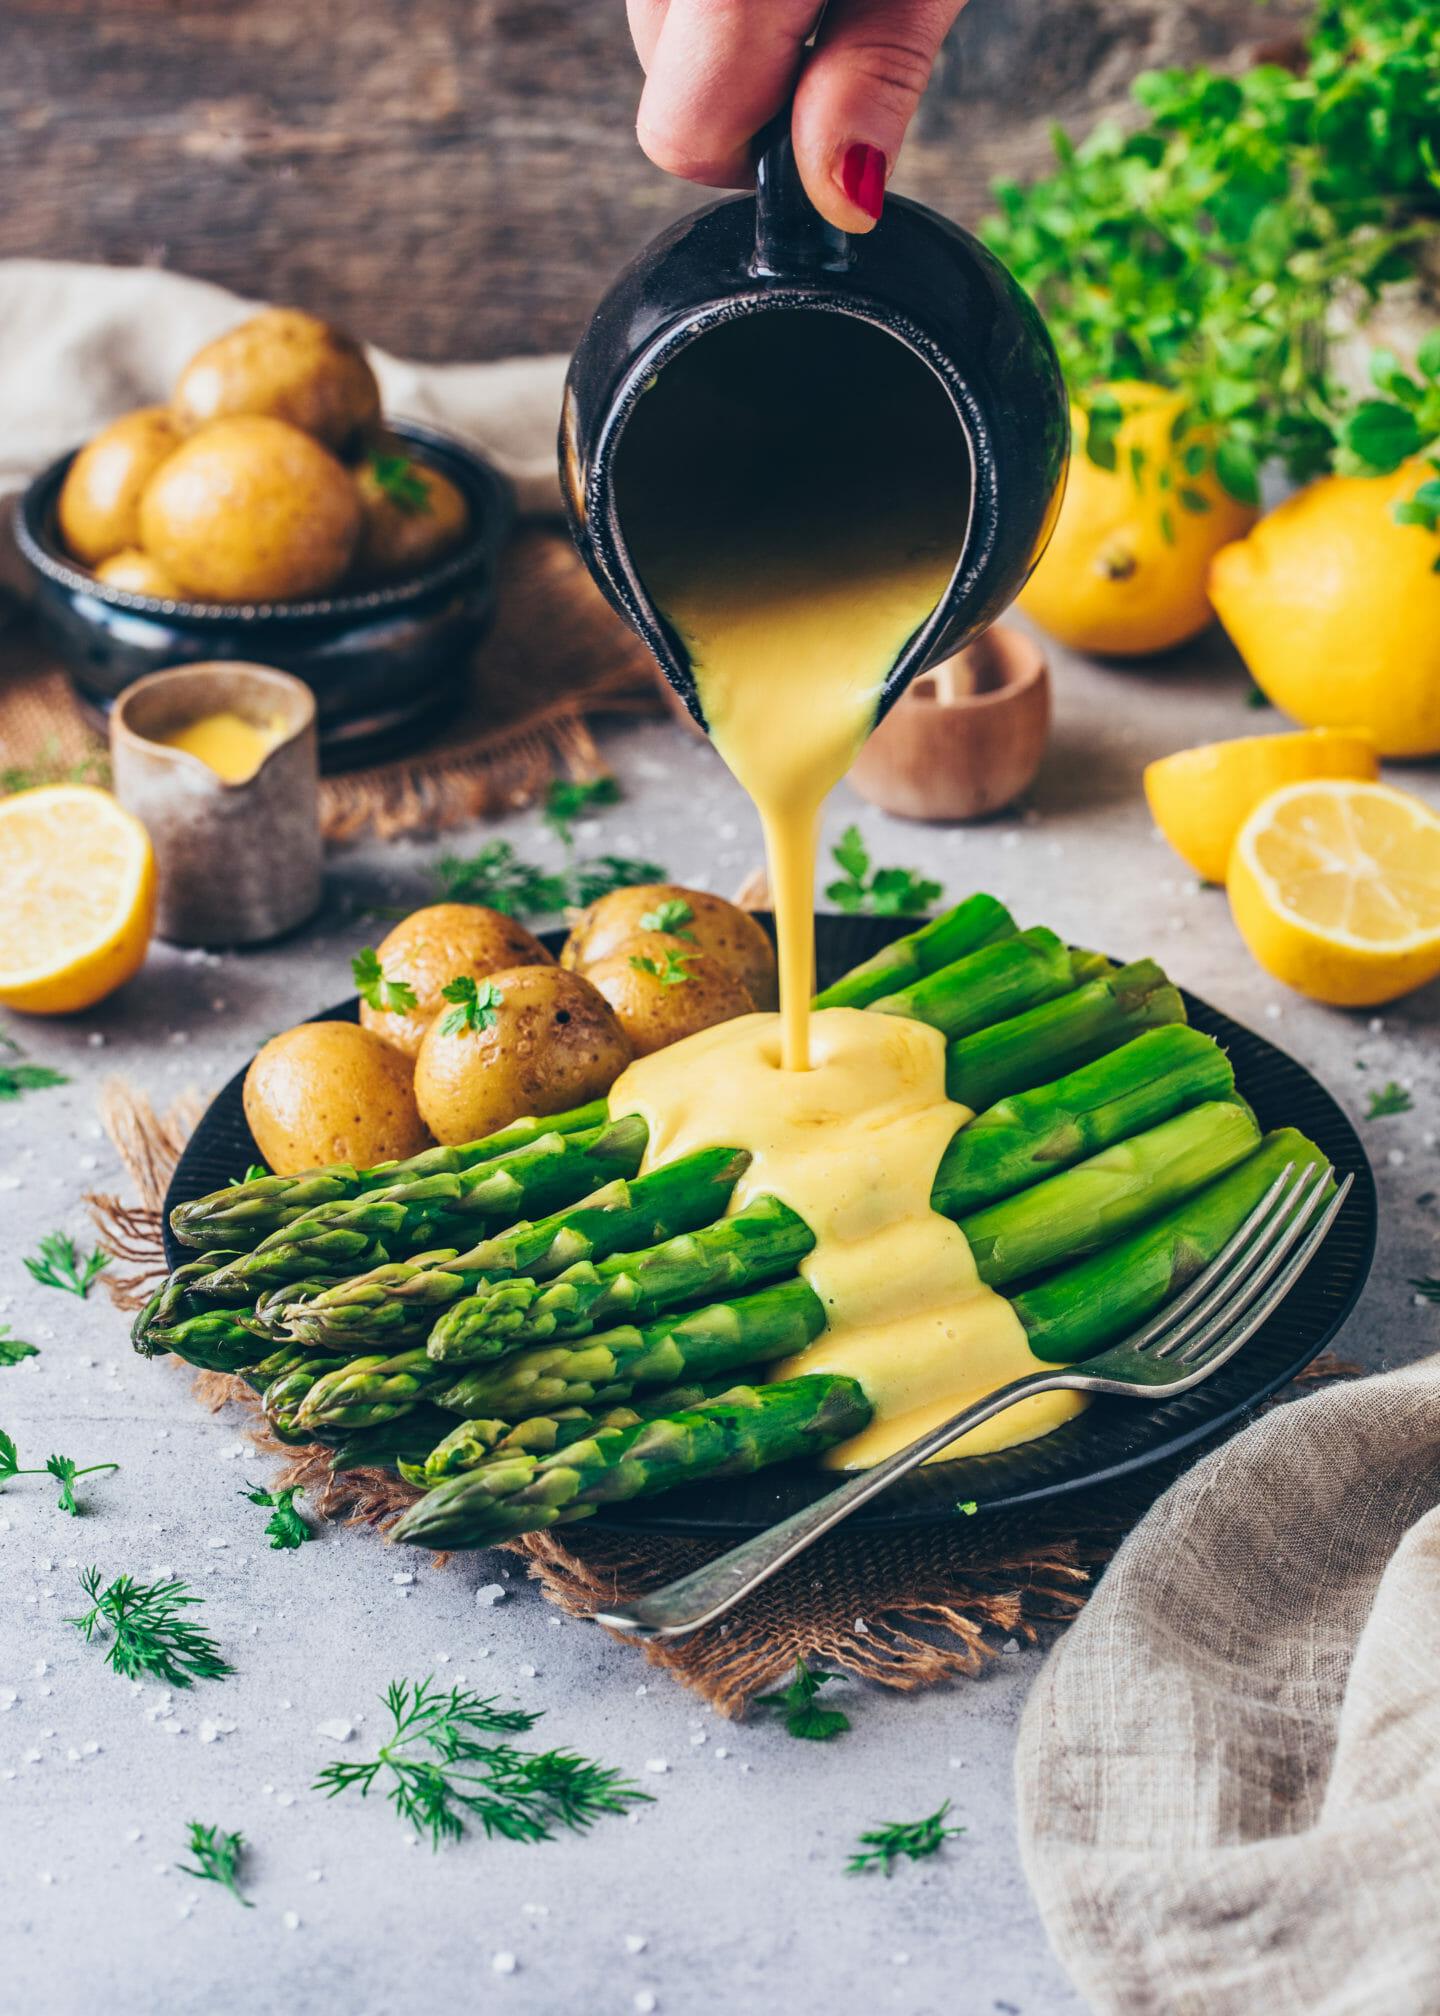 Spargel mit Veganer Hollandaise Sauce, Pellkartoffeln und Zitronen